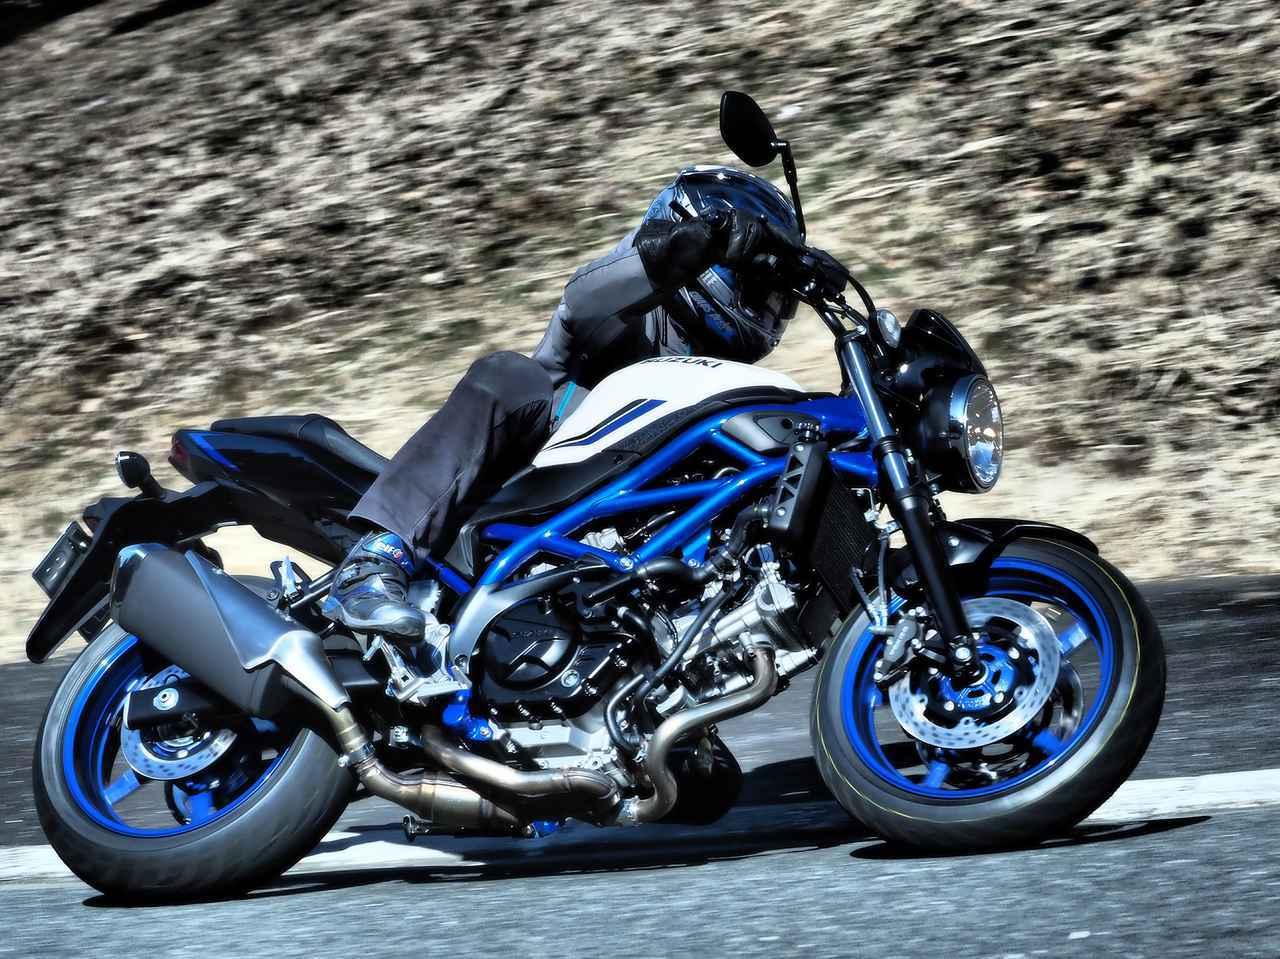 画像: 地味にスゴい! スズキ『SV650』がちょっとの進化で、けっこう変わった!? - スズキのバイク!